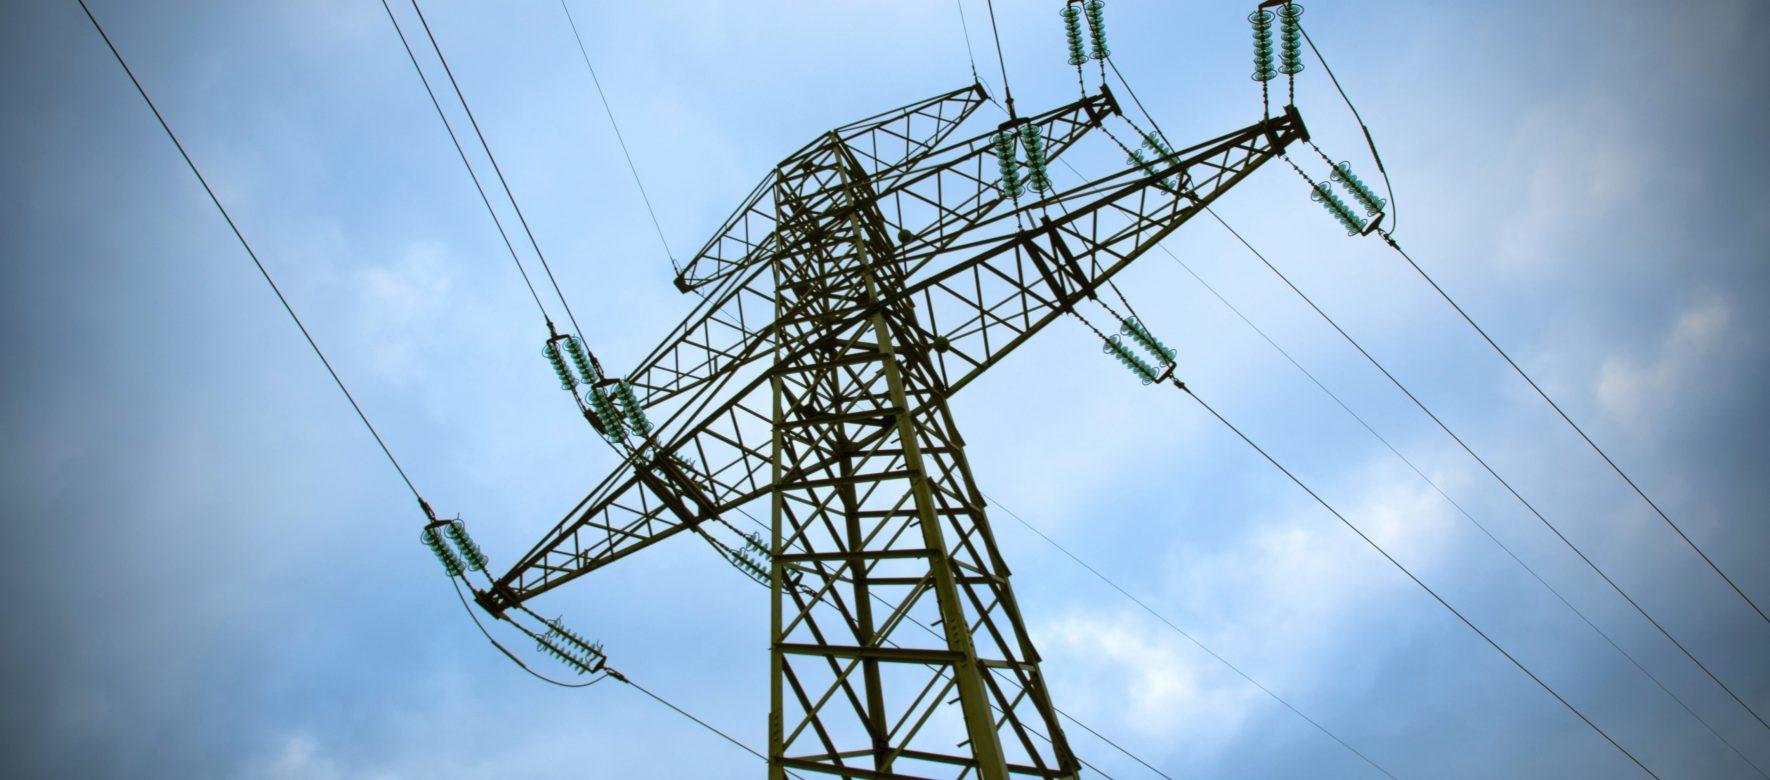 Maroc: Vers une taxation sur l'électricité exportée vers l'UE ?